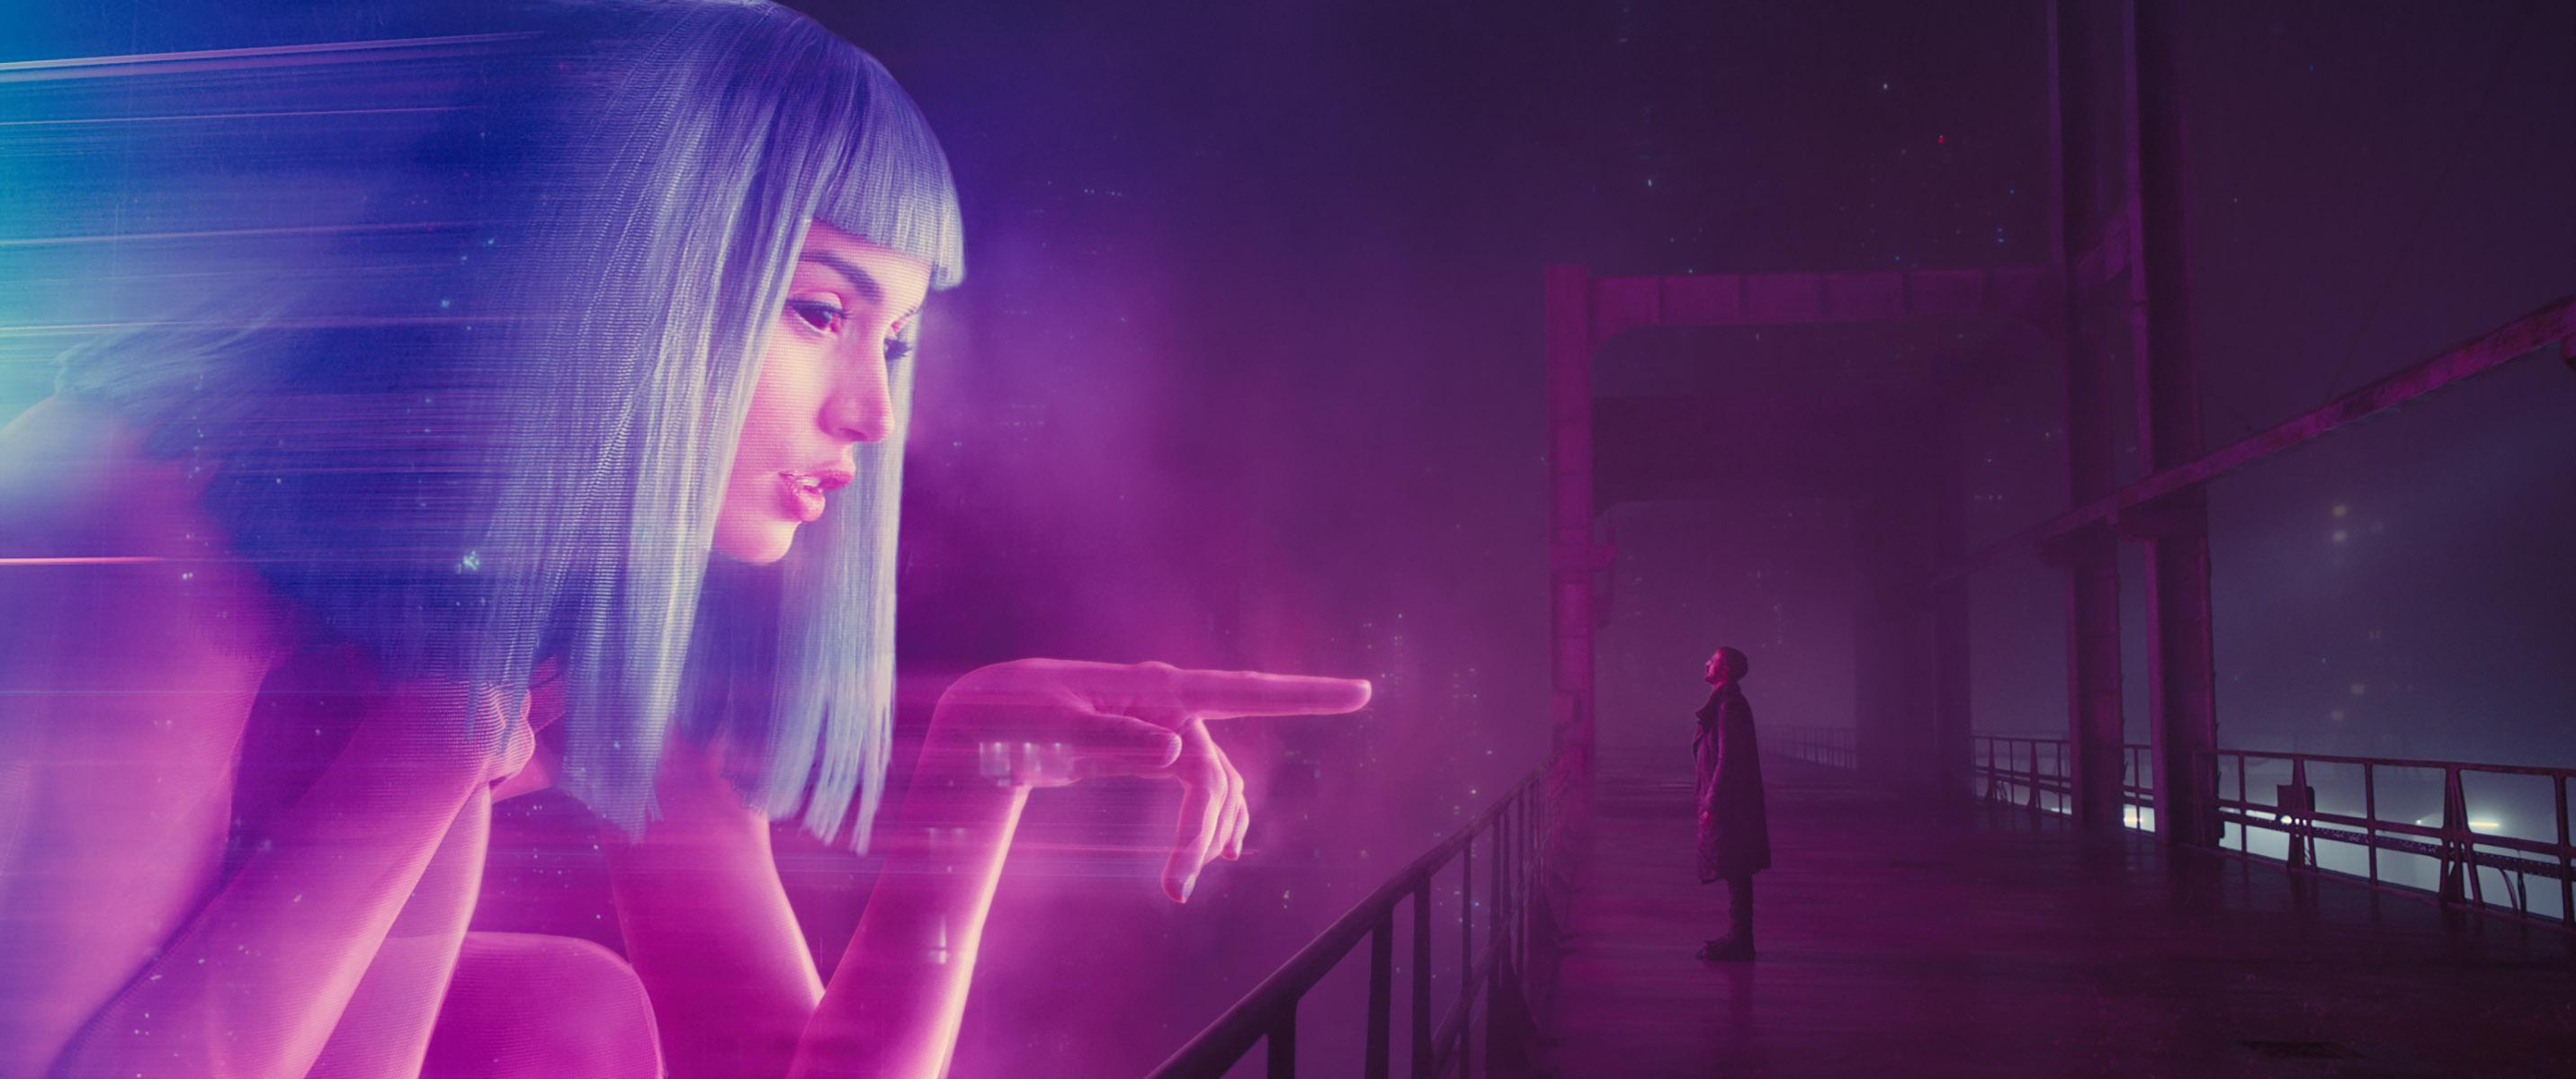 Crítica | Blade Runner 2049 (2017)